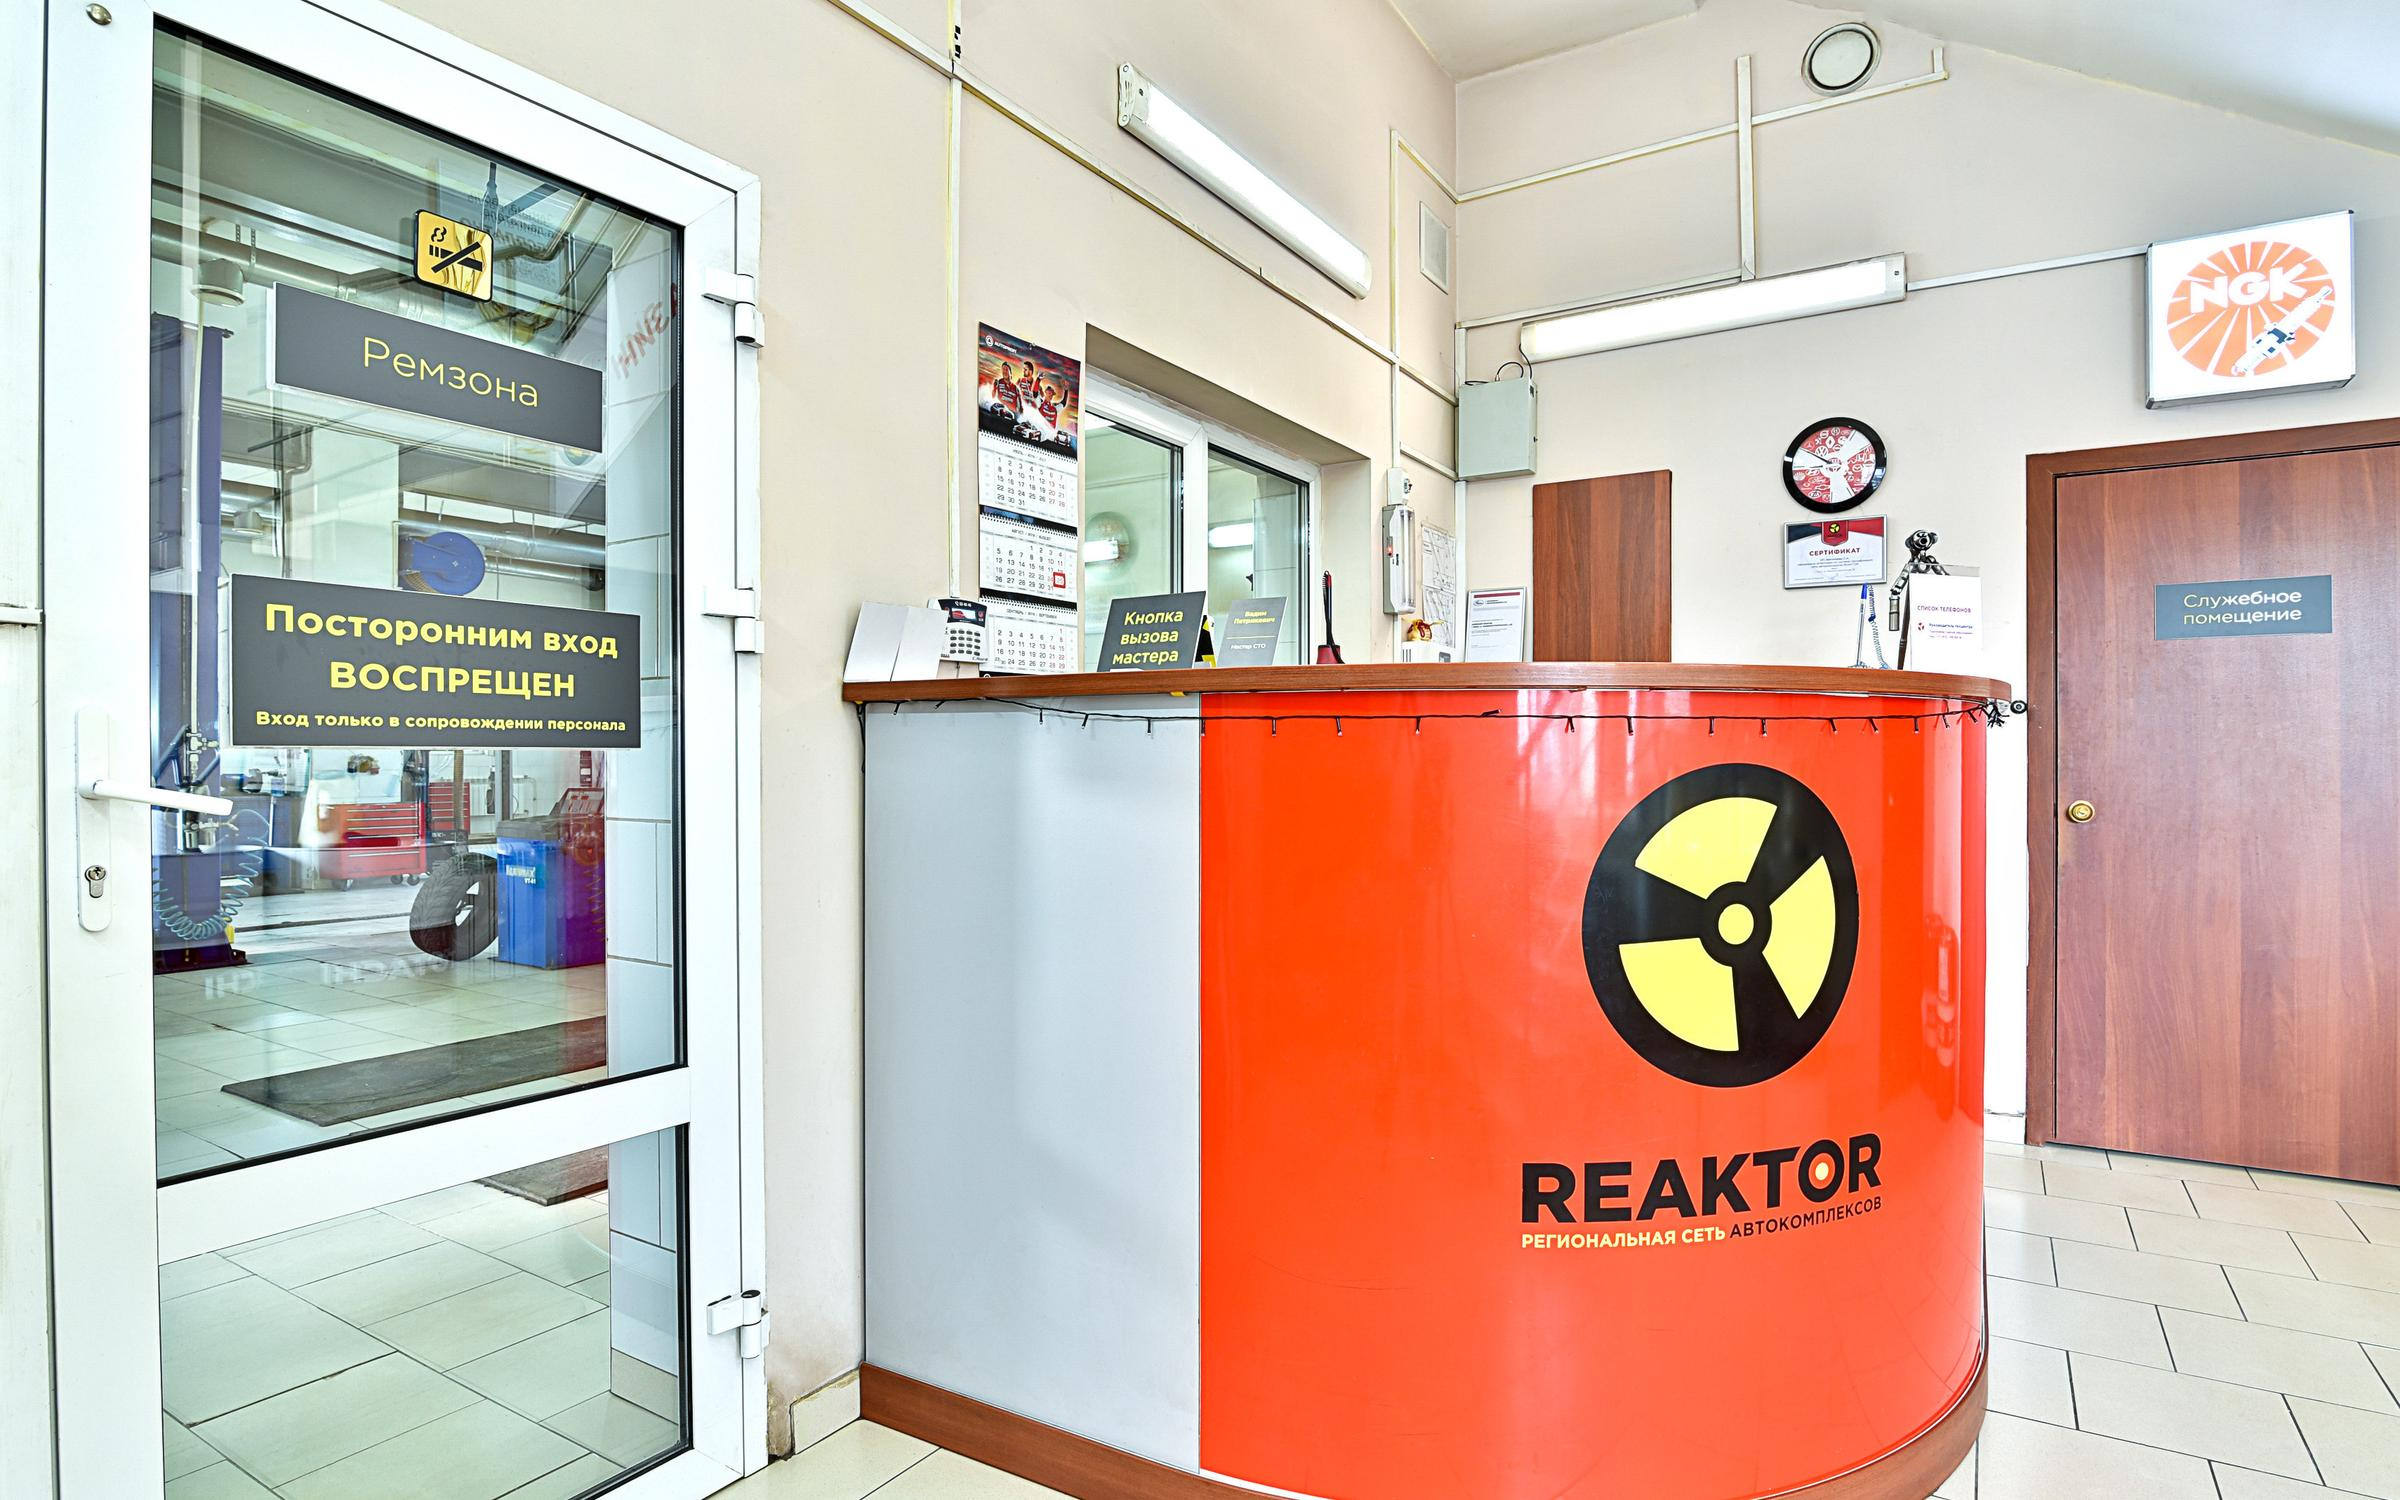 фотография Автокомплекса Реактор на Машиностроительной улице